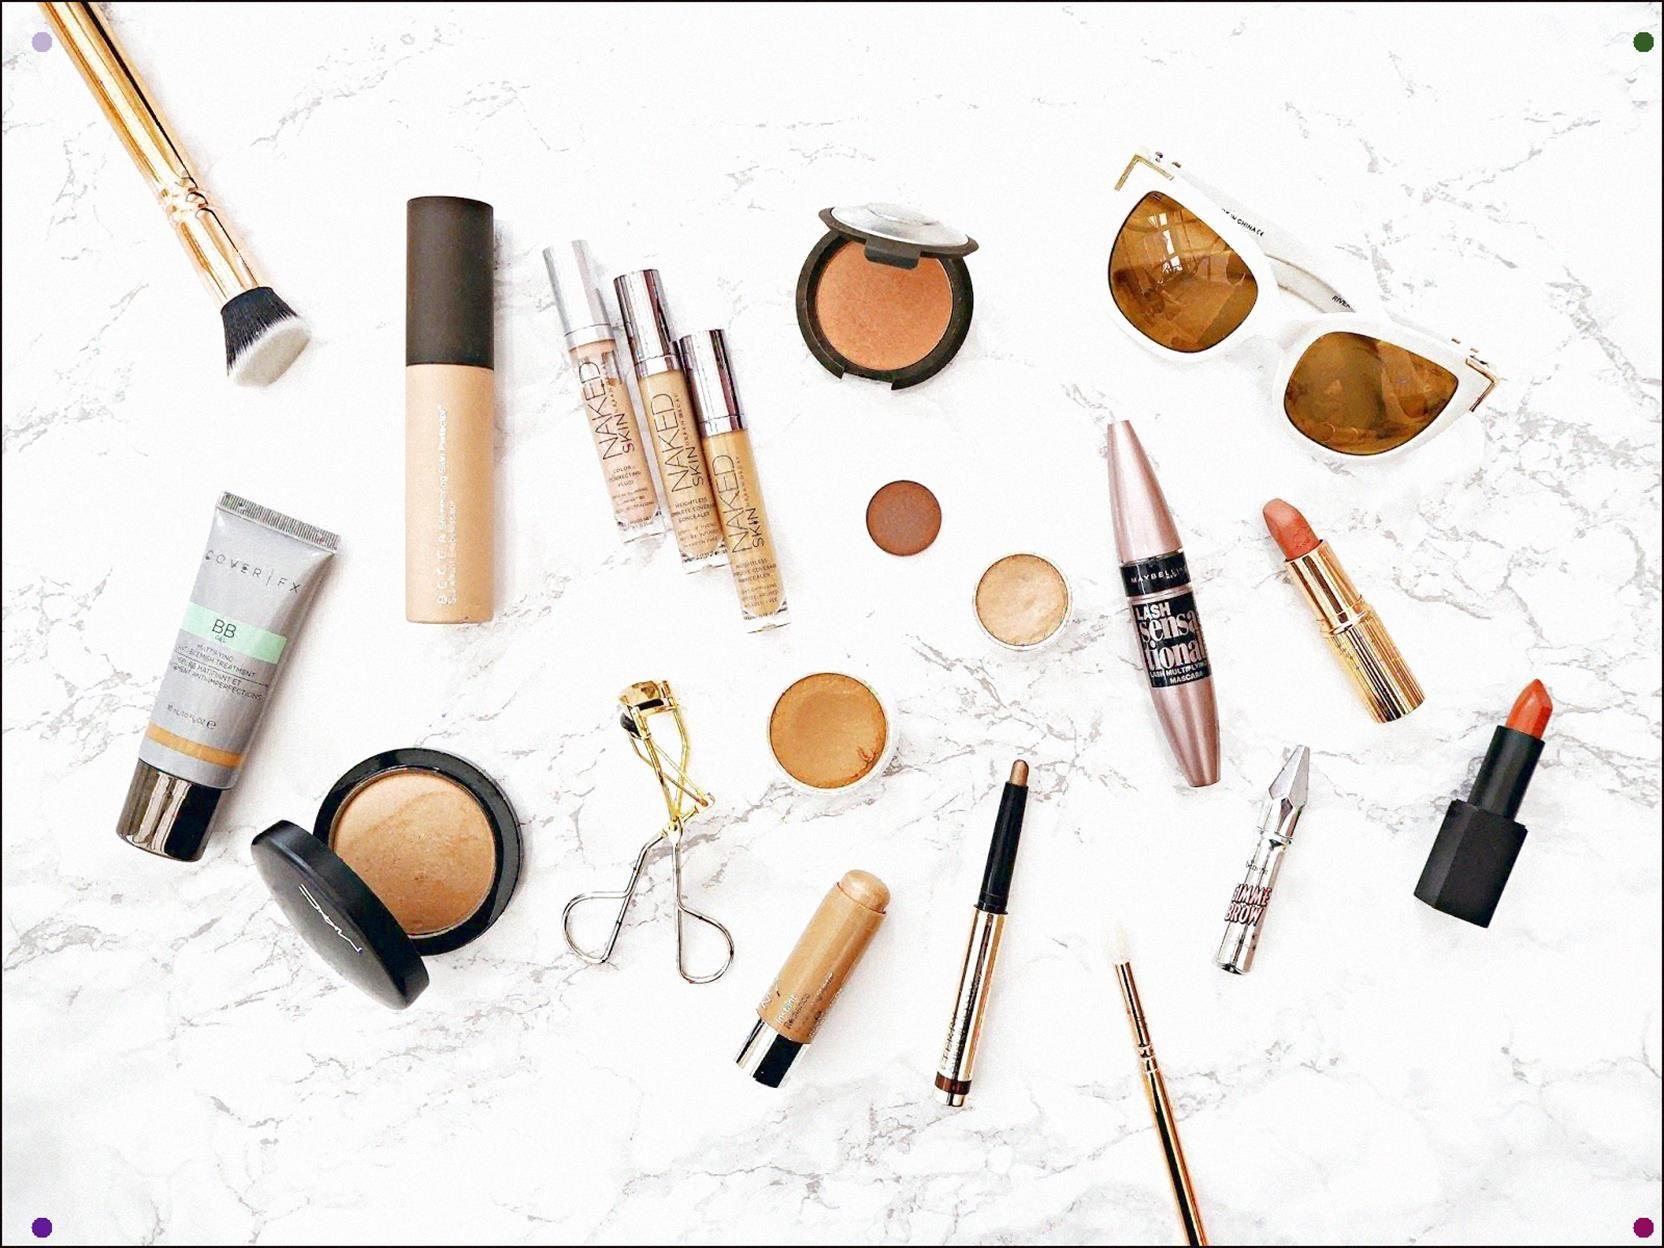 FussFree Summer Makeup Summer makeup, Makeup, Travel makeup